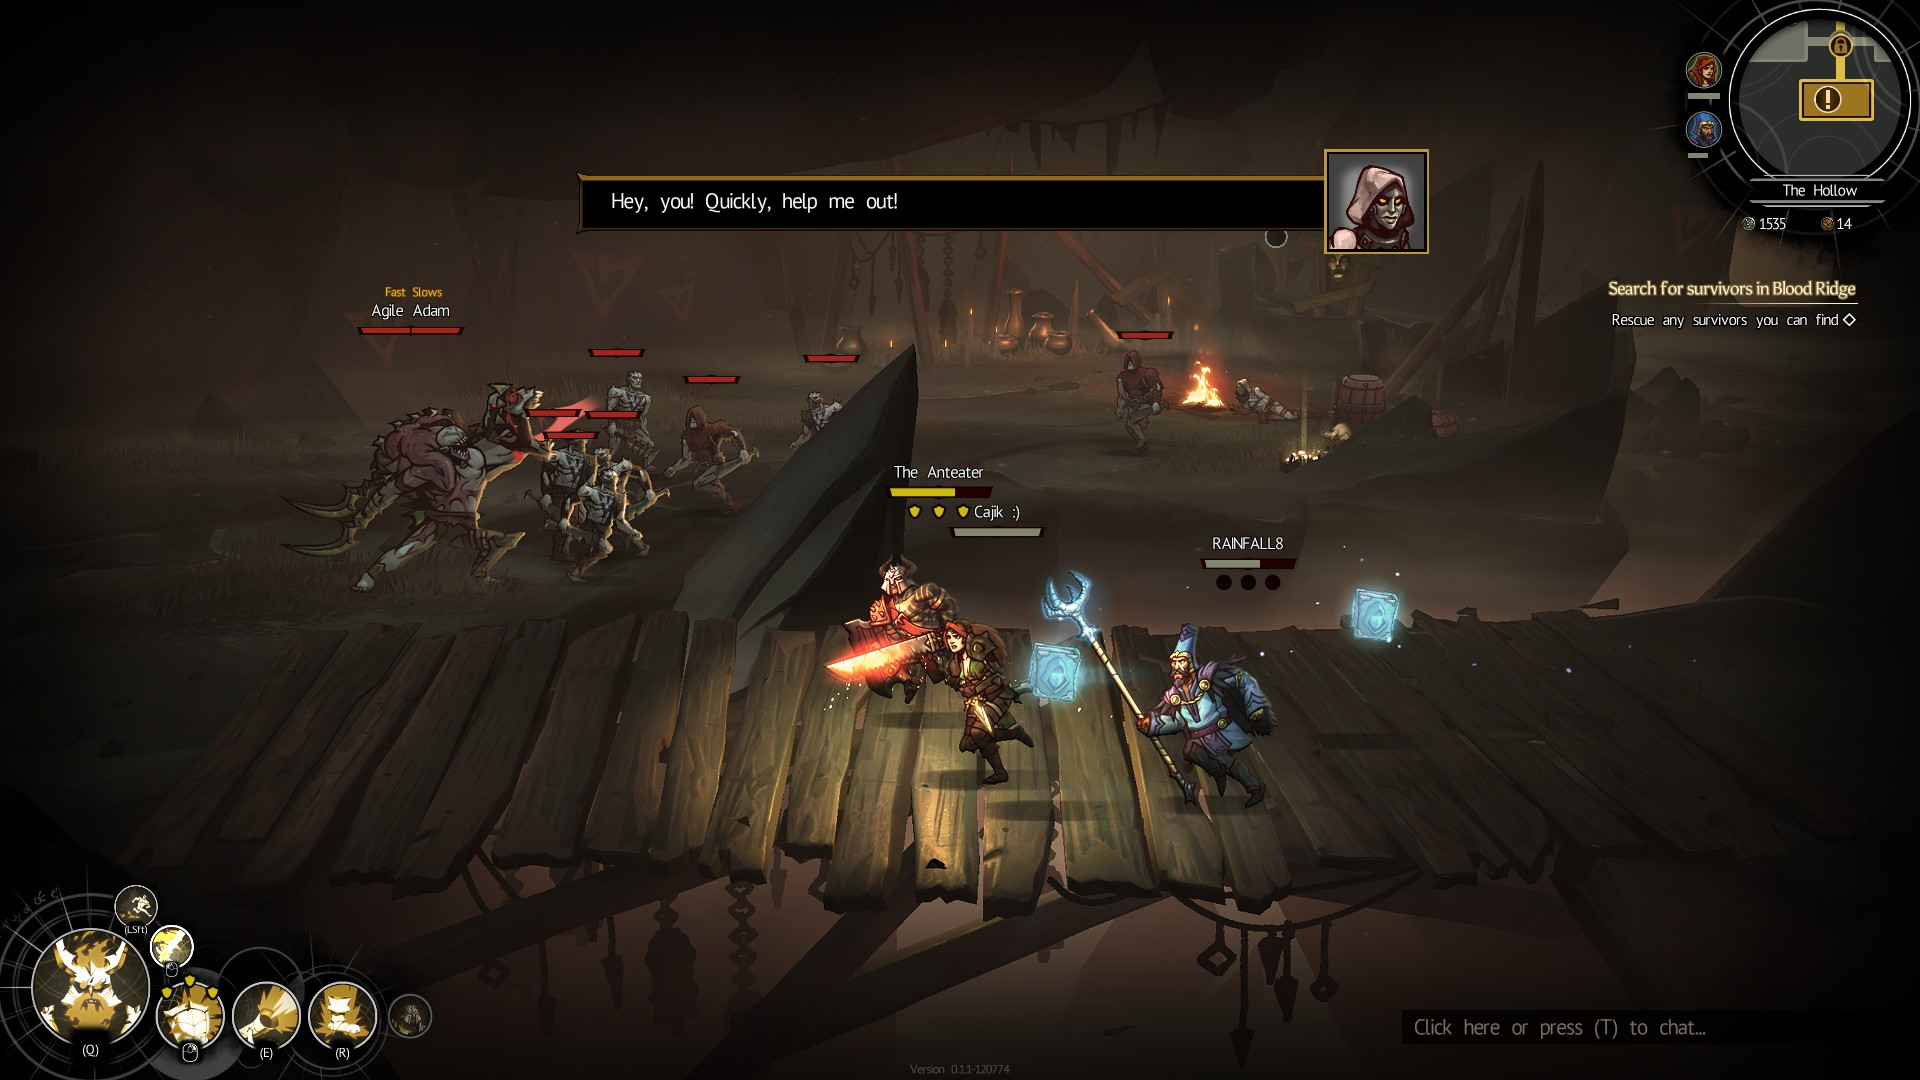 Tres jugadores corren a la izquierda por un puente de madera.  A lo lejos, alguien pide ayuda, amenazado por una docena de monstruos.